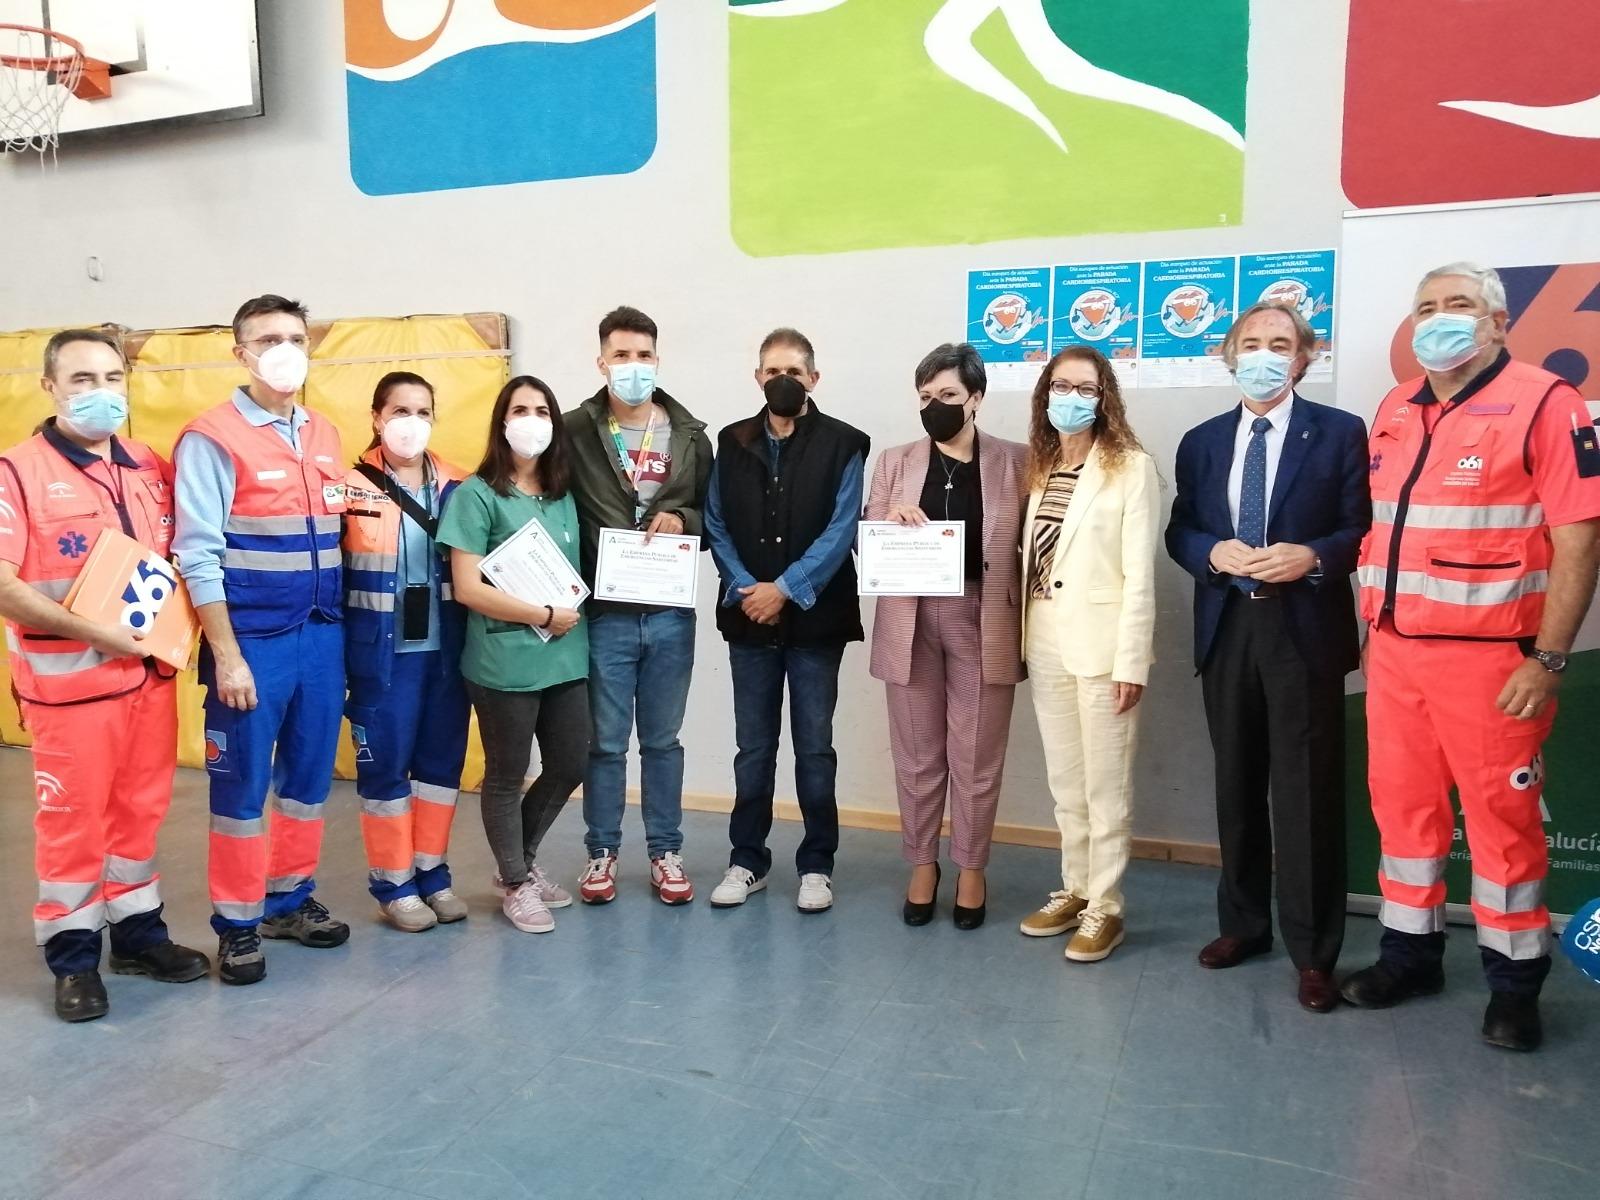 Más de 400 jóvenes granadinos recibirán formación en reanimación con motivo del Día Europeo ante la Parada Cardíaca